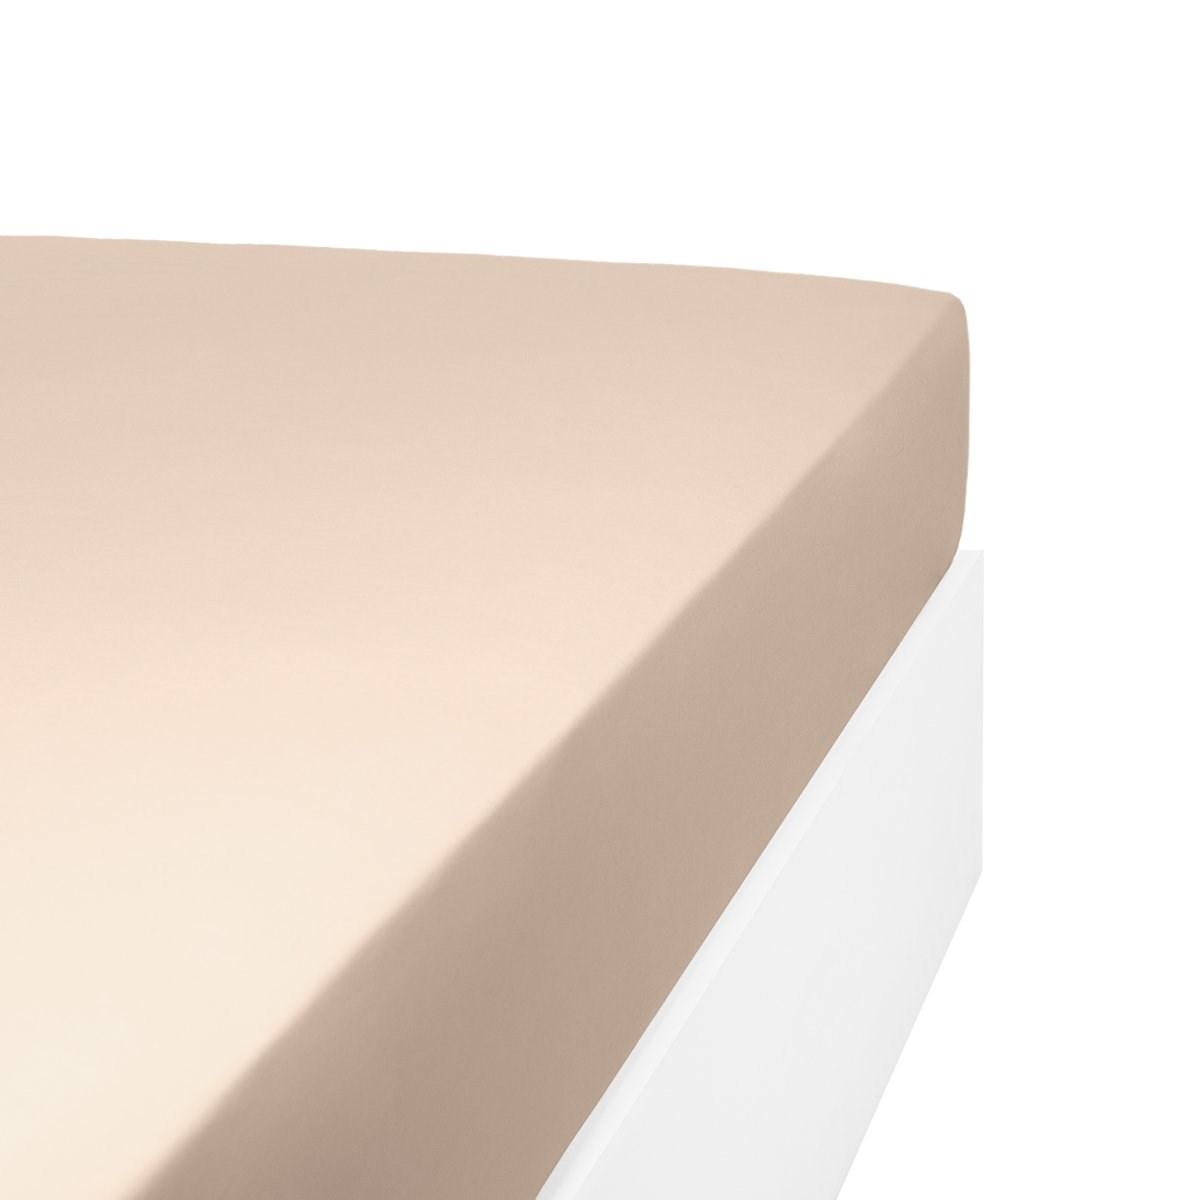 Drap housse uni 200 fils en de coton beige foncé 90x190 cm